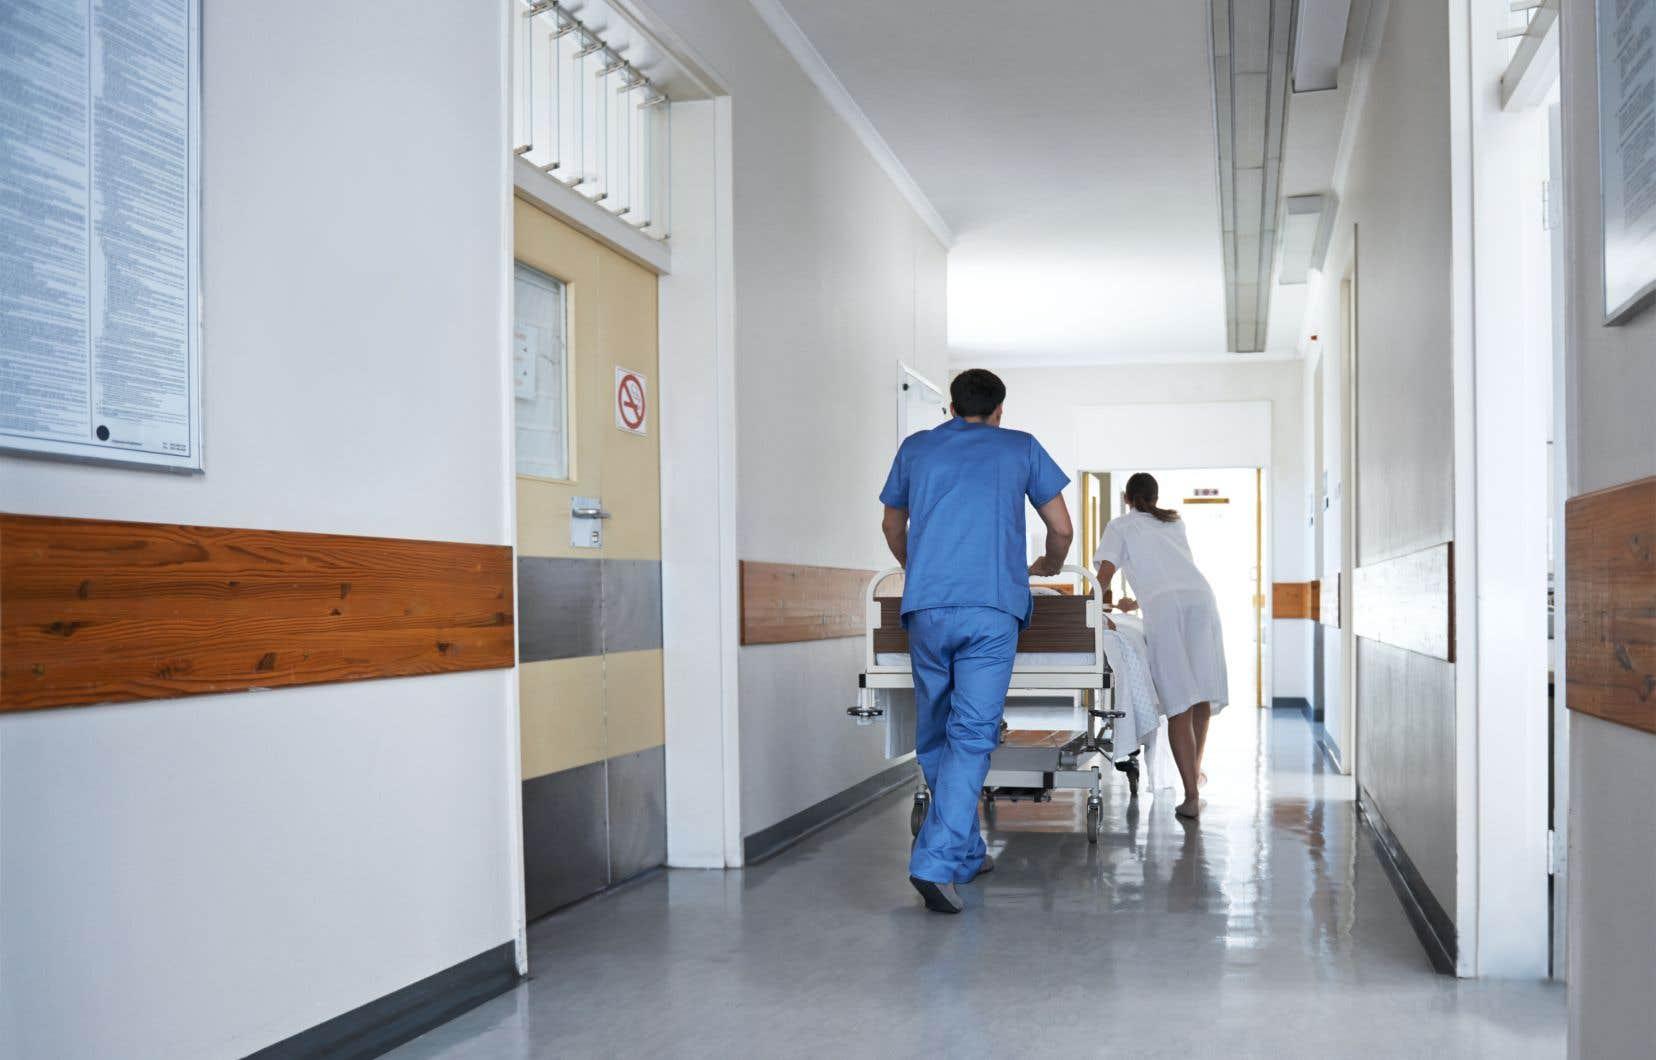 Les mauvaises conditions des travailleurs de le santé ont défrayé la chronique dans les dernières semaines et seraient responsable de la hausse des congés pour maladie, selon plusieurs gestionnaires.